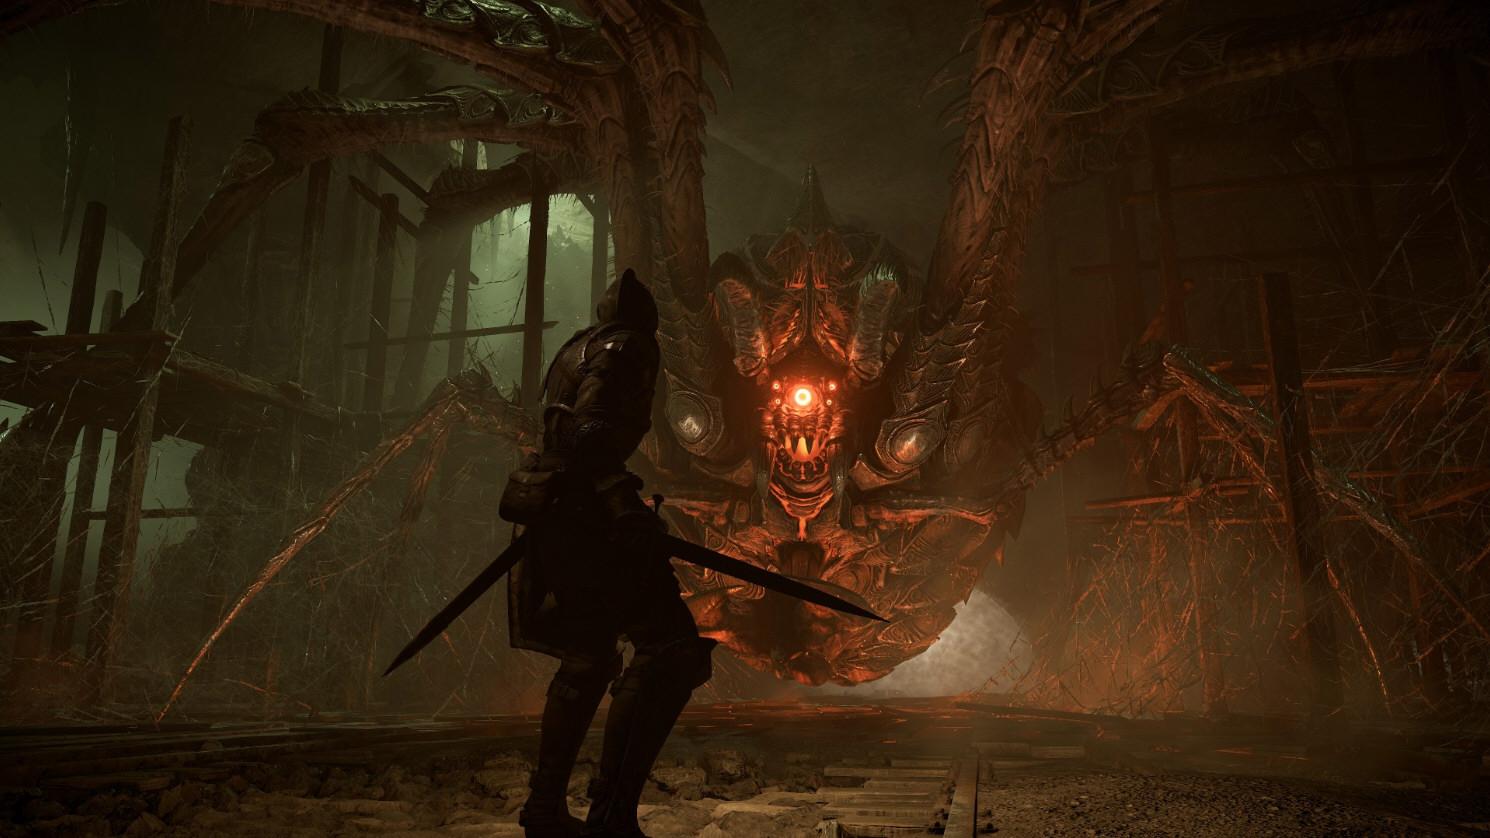 恶魔之魂重制版游戏截图6